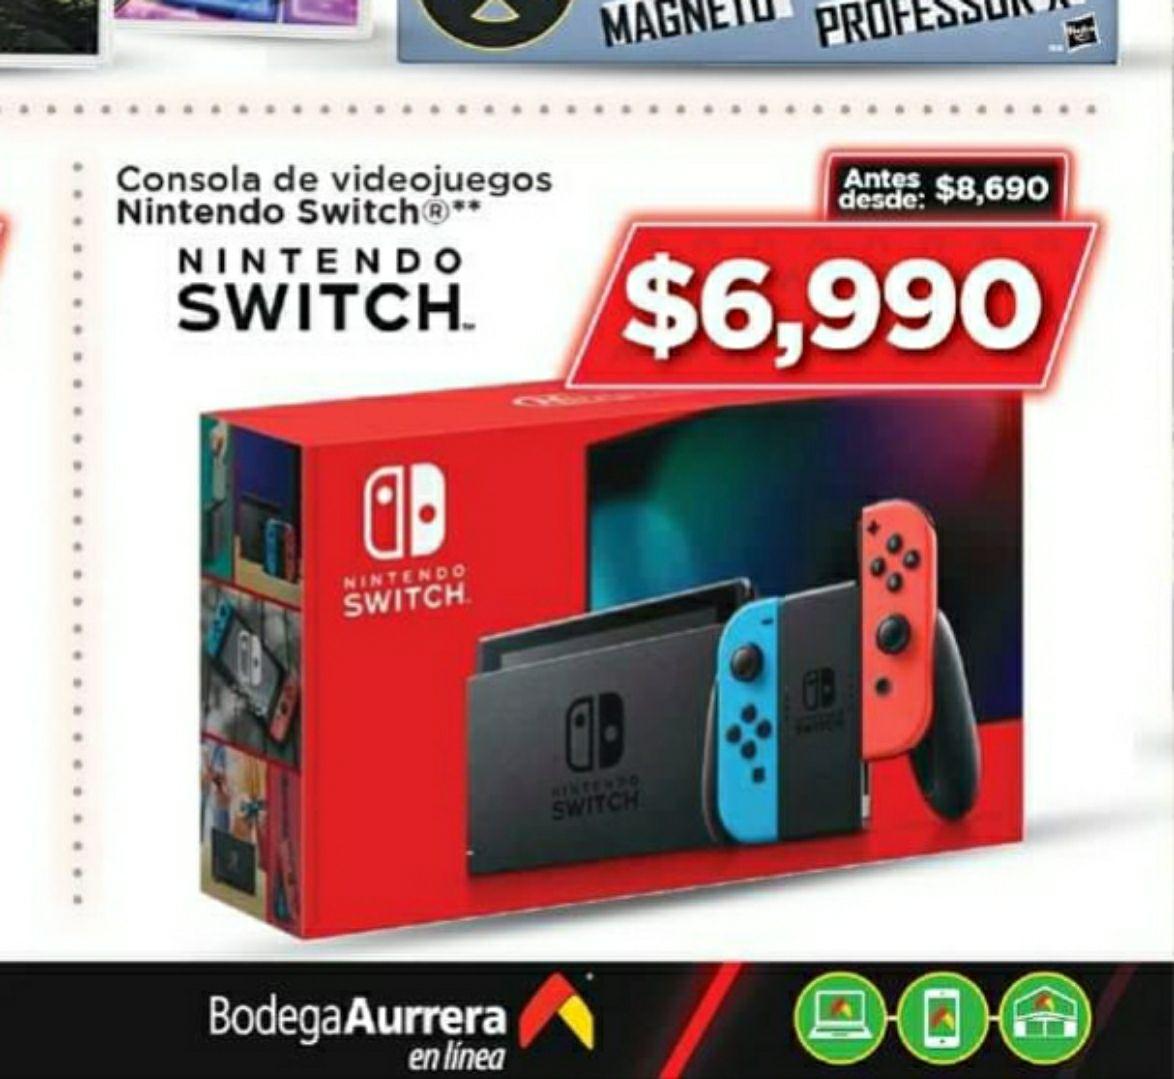 Nintendo switch en bodega aurrera por los hot days